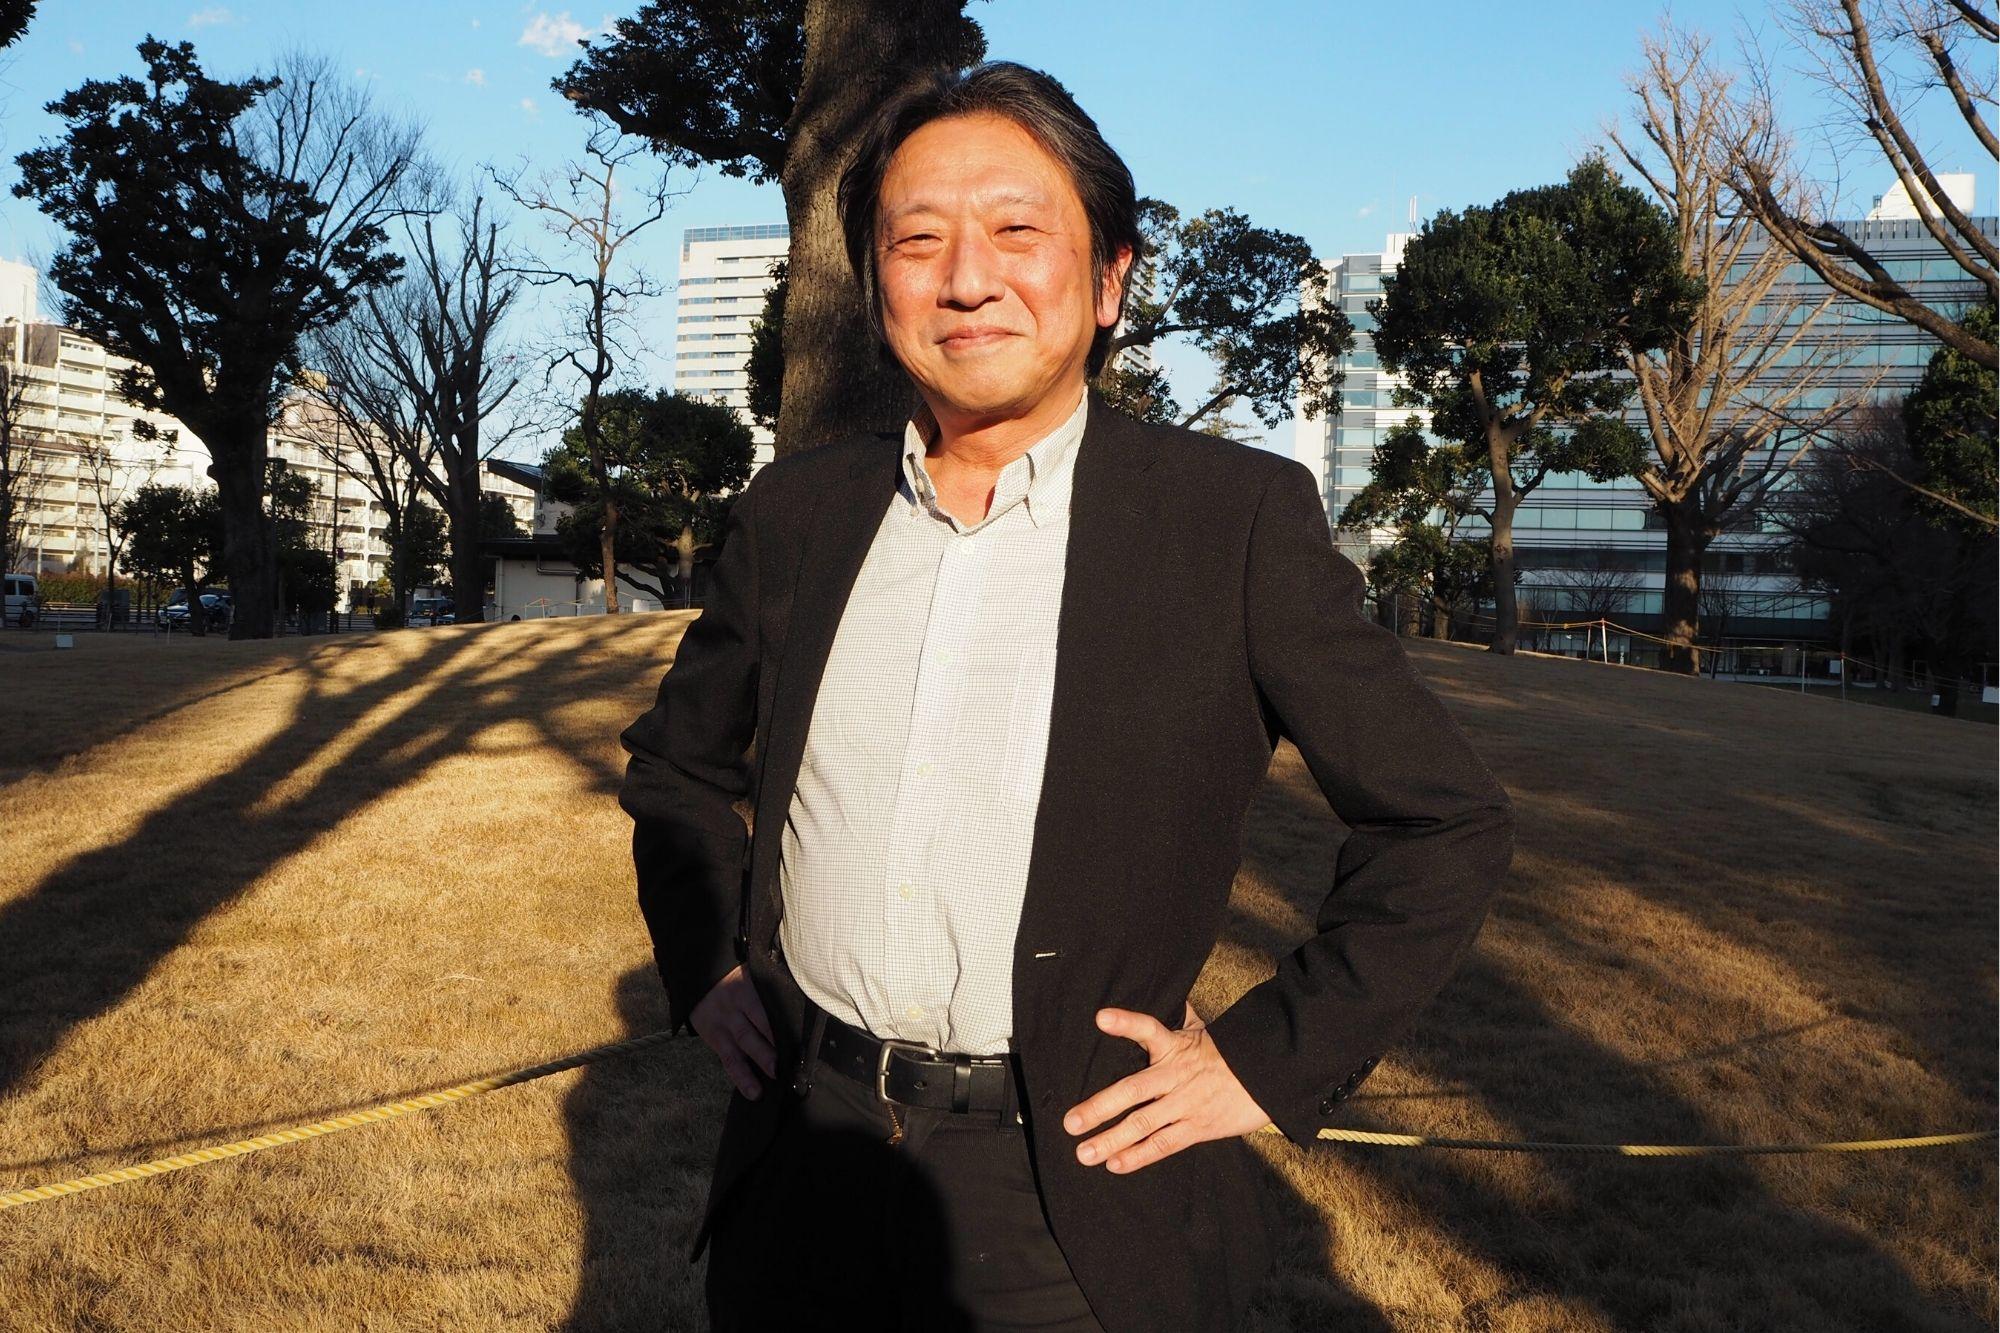 「なぜ大麻で逮捕するのですか?」緊急自費出版した長吉秀夫さんに聞く | ハーバー・ビジネス・オンライン